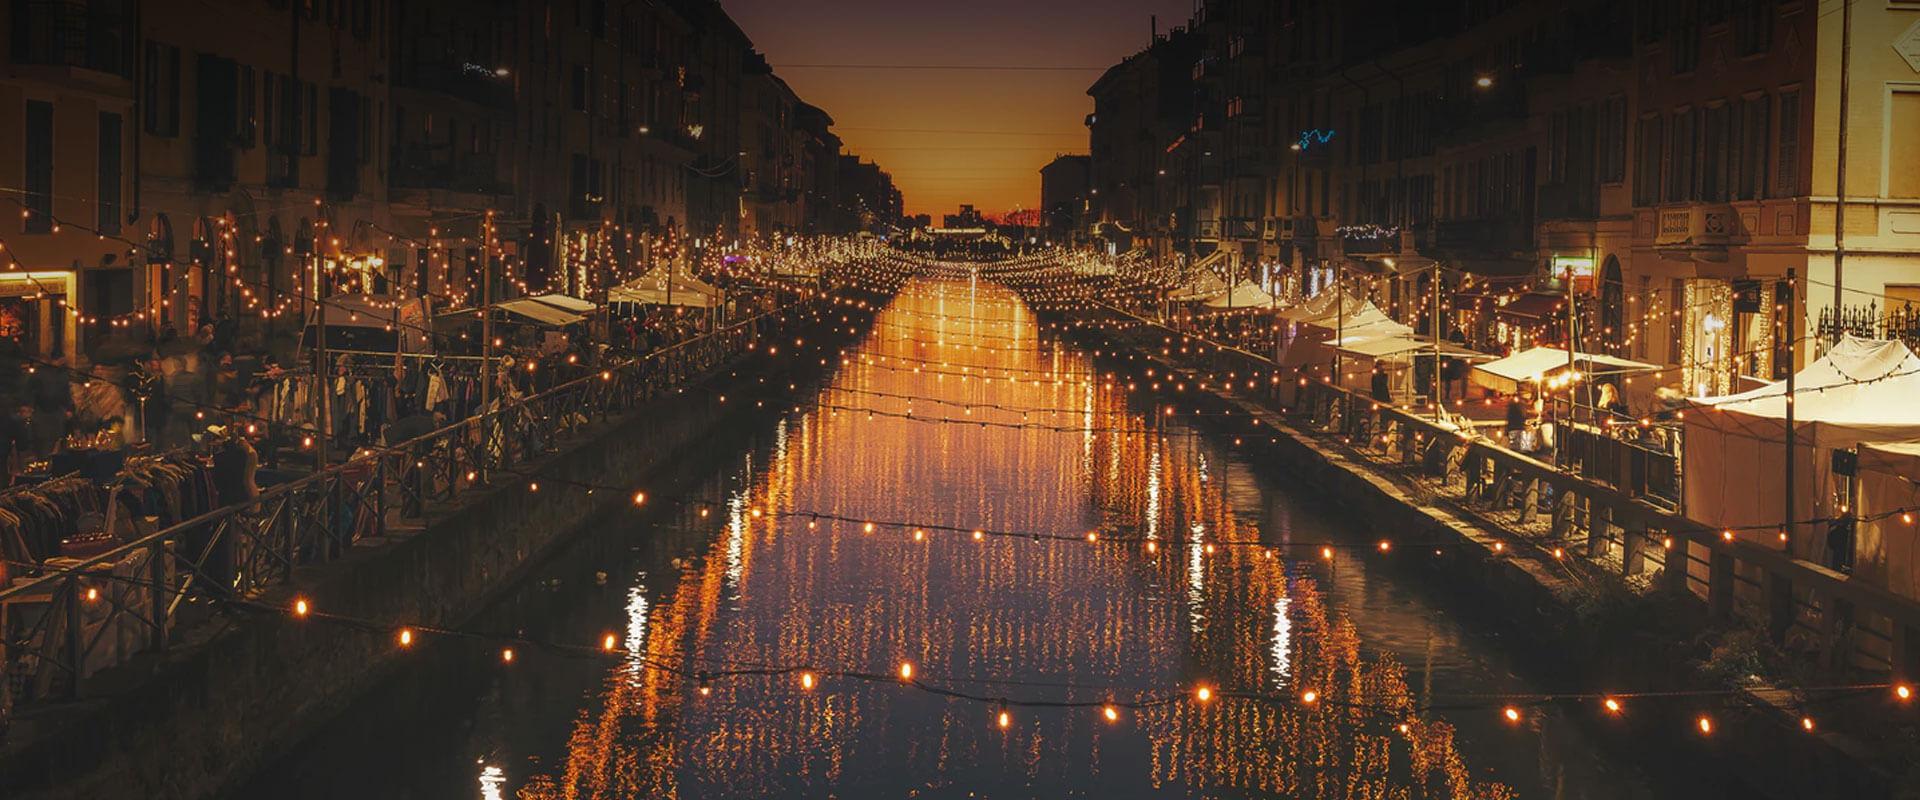 Wanderlust-Italia-Portale-di-Viaggi-Home-Page- (27)